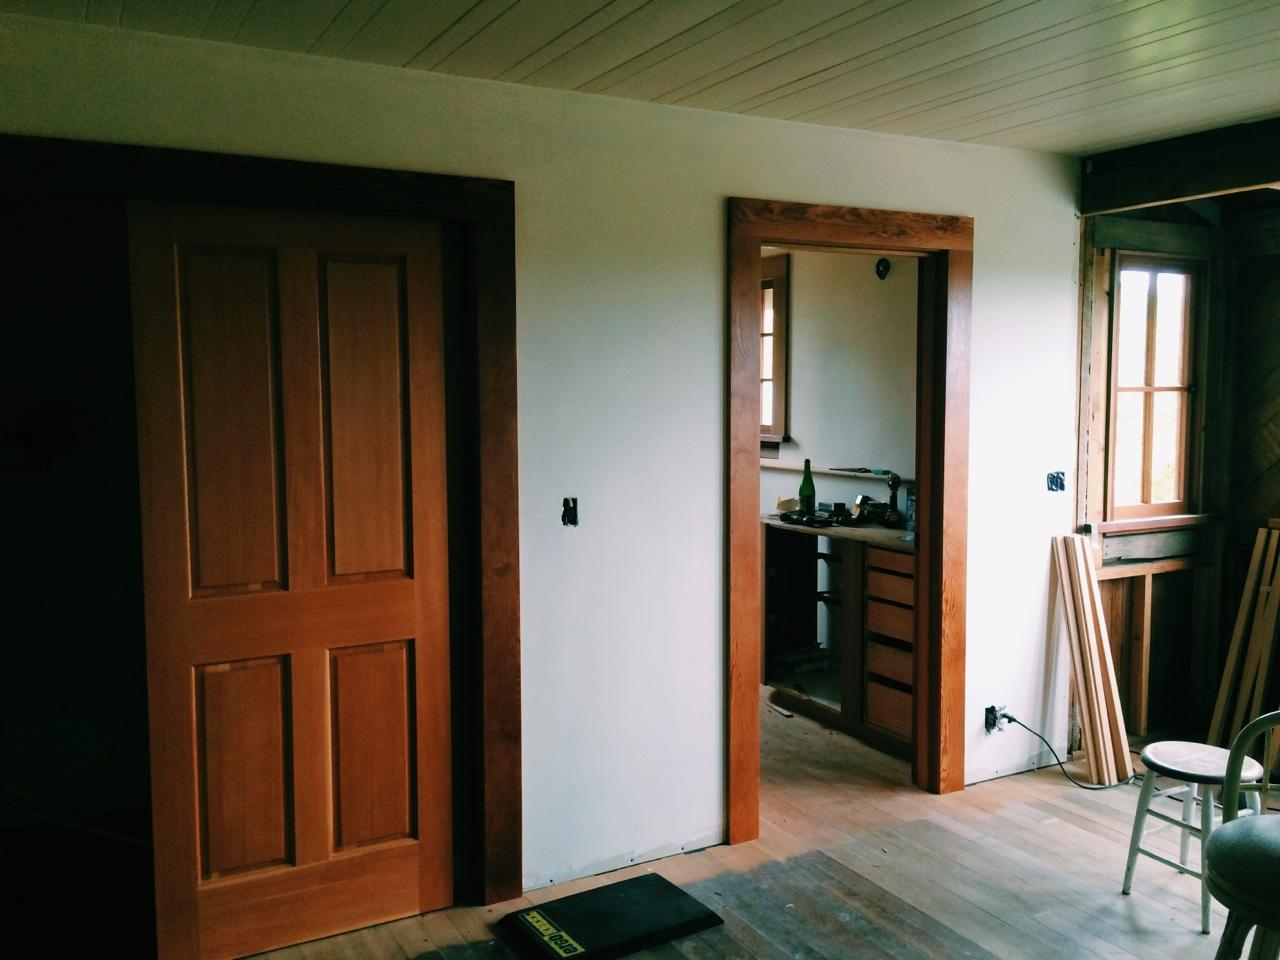 Fir Trim & Flooring Installation